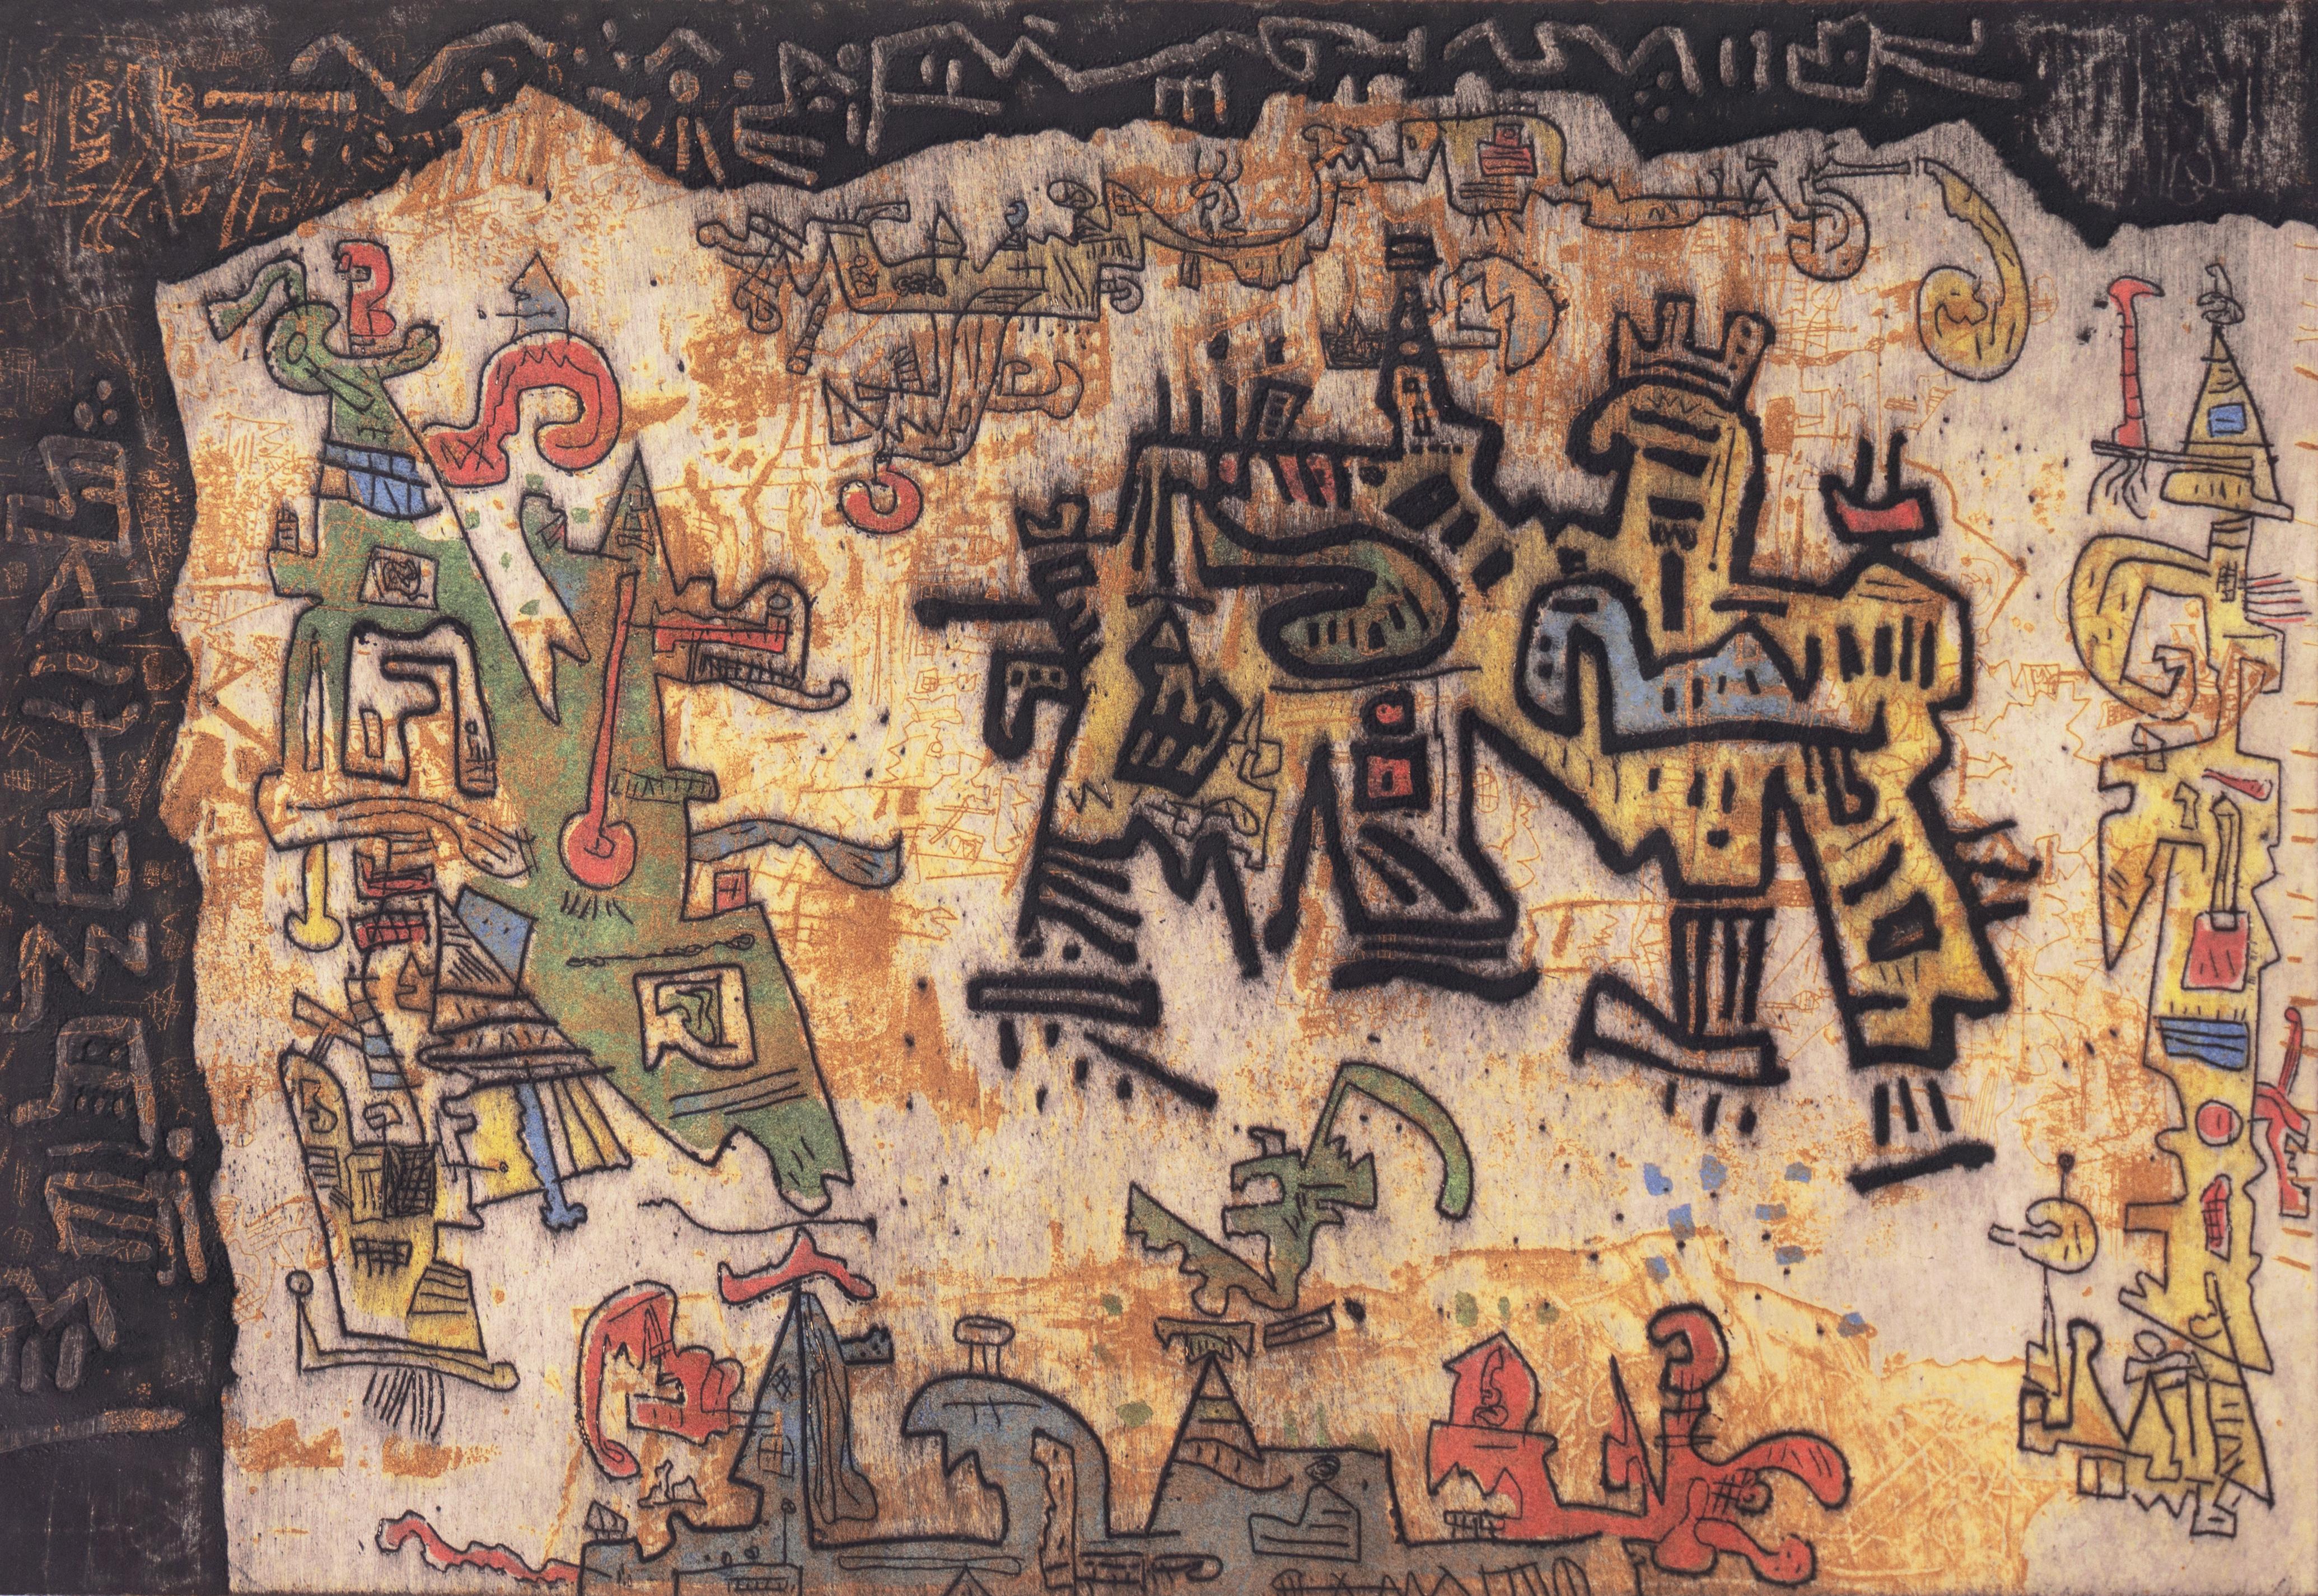 'Tribal Coast', Expressionist Woman artist, Museum of Modern Art, Guggenheim